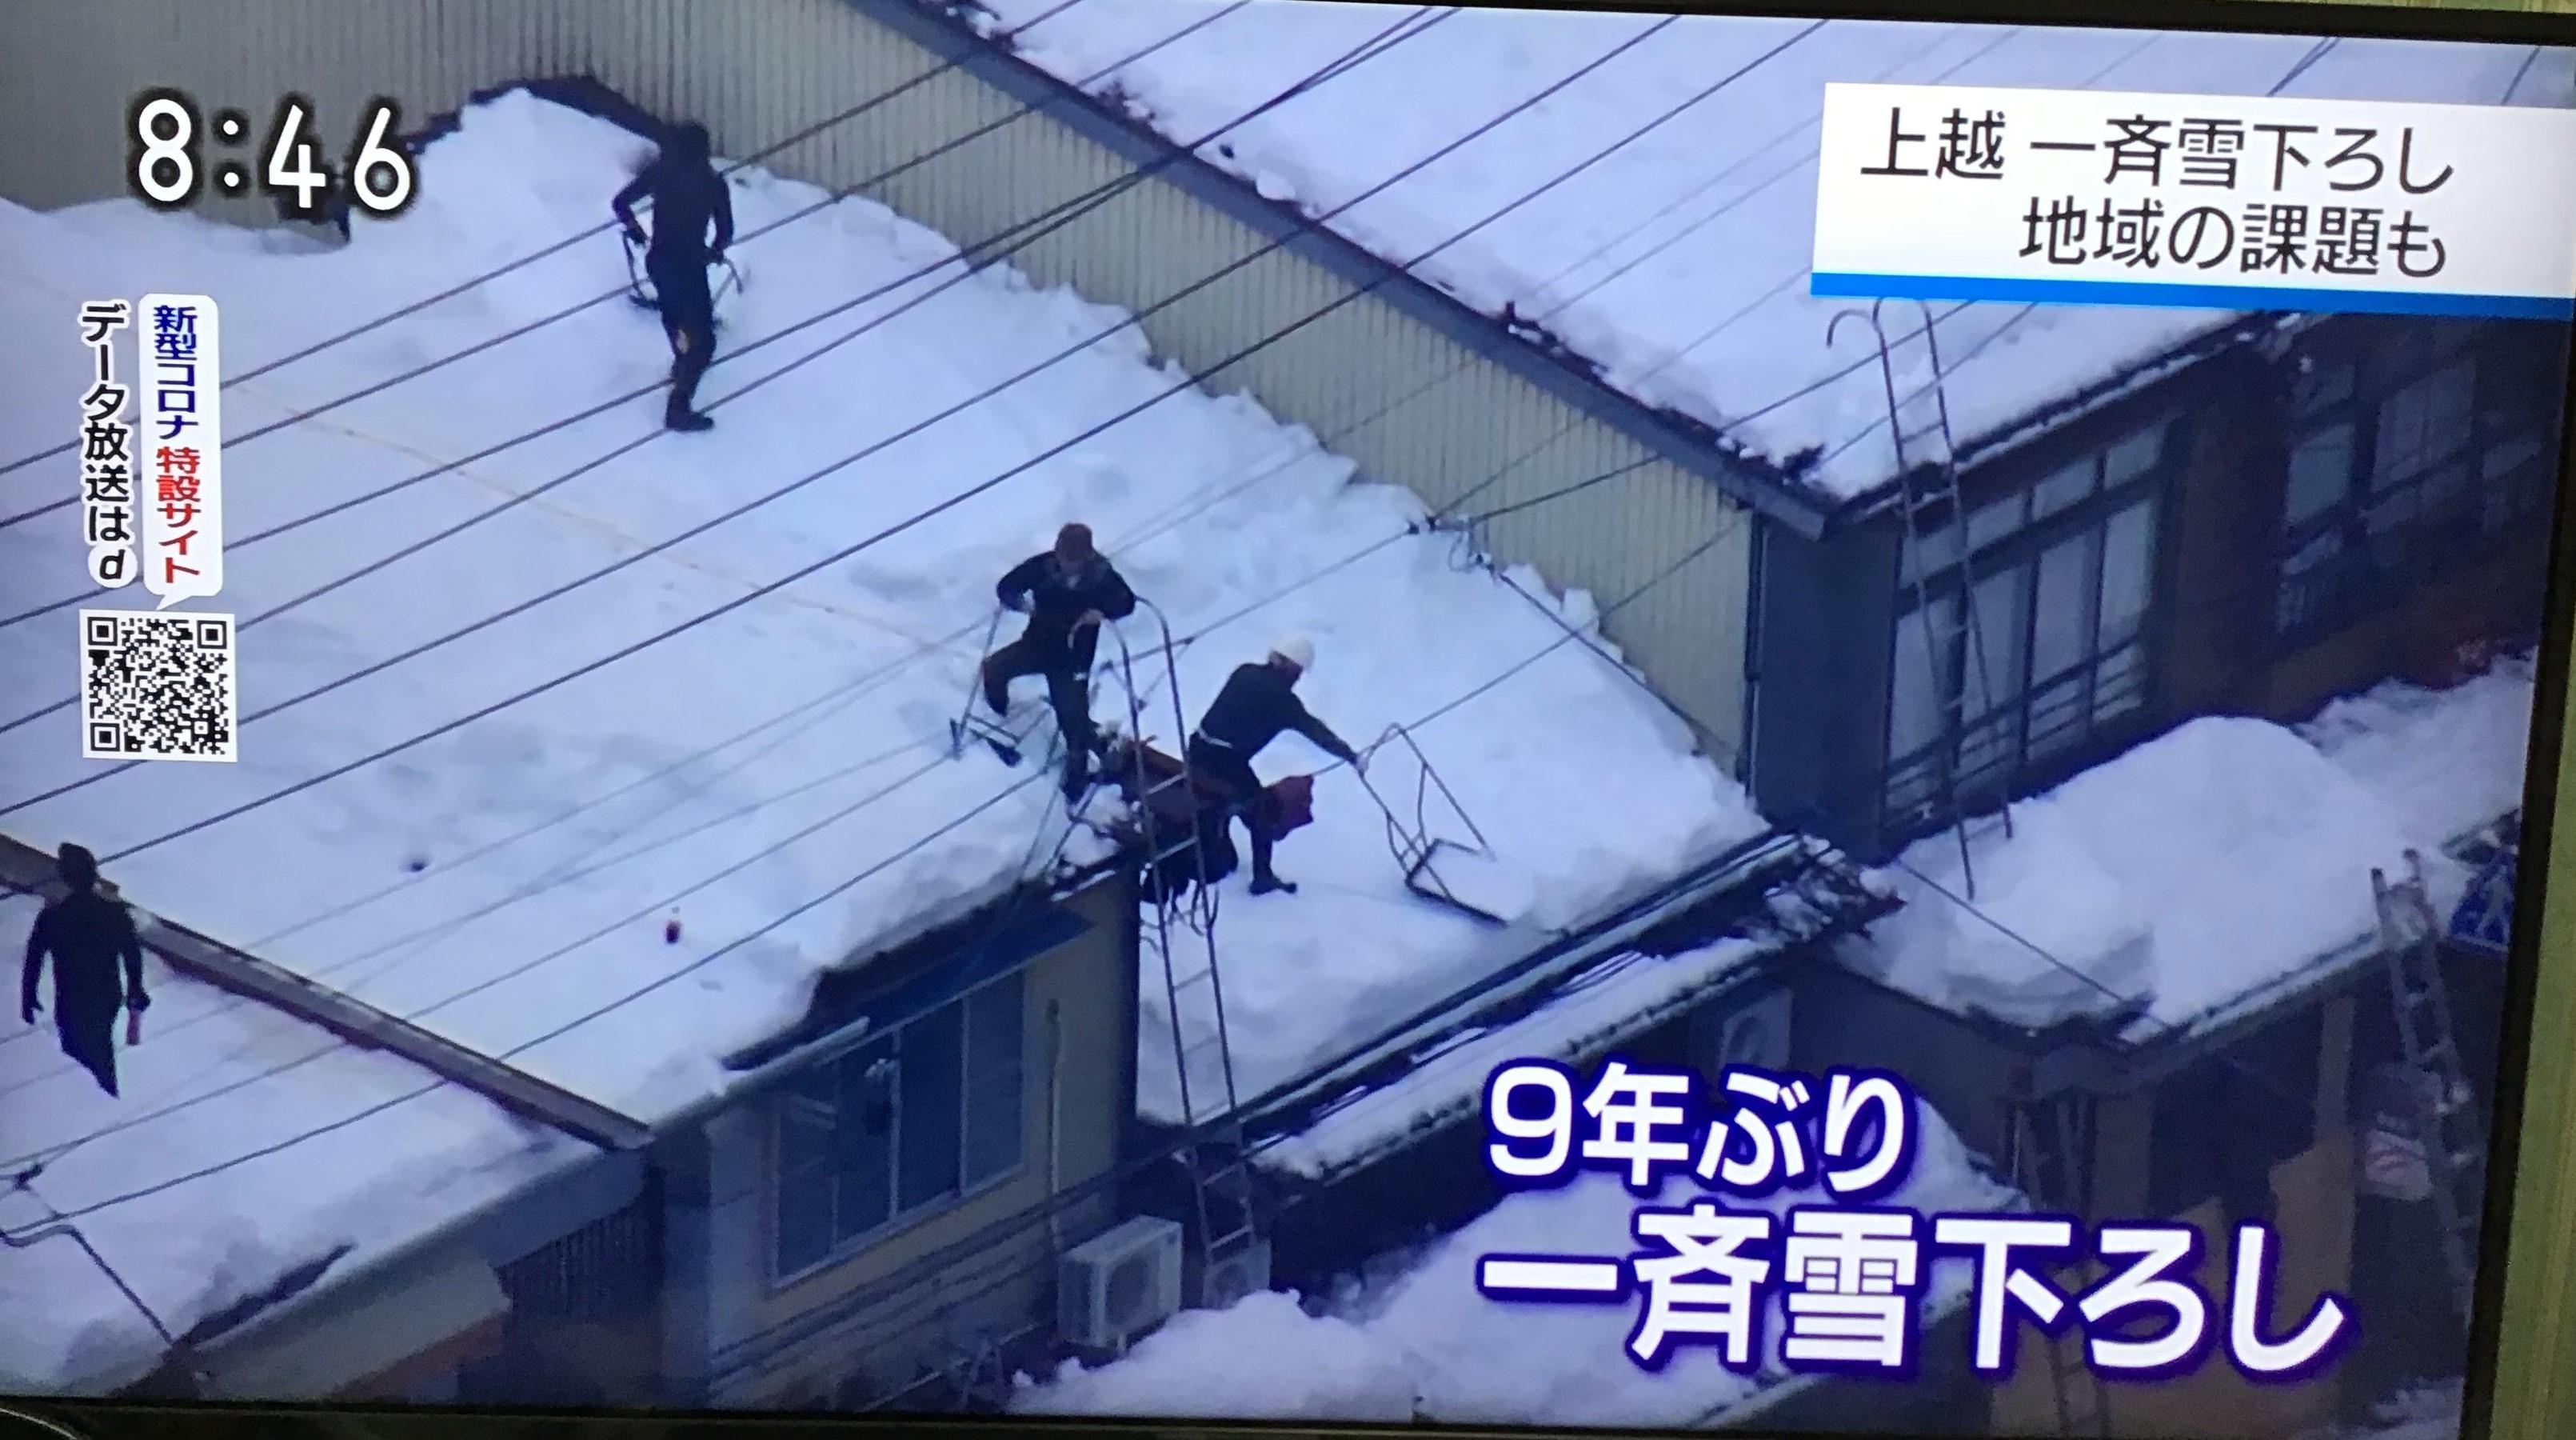 高田の一斉雪下ろし